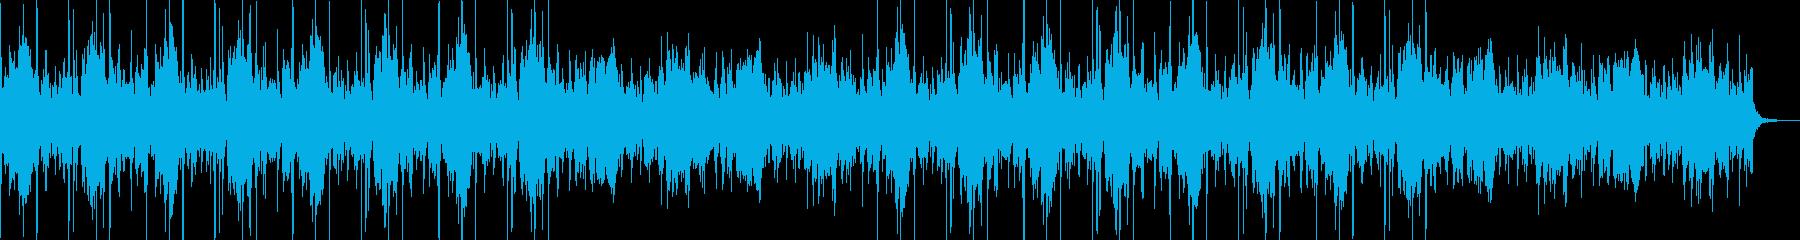 チルアウト・幻想的・神秘的・ピアノの再生済みの波形